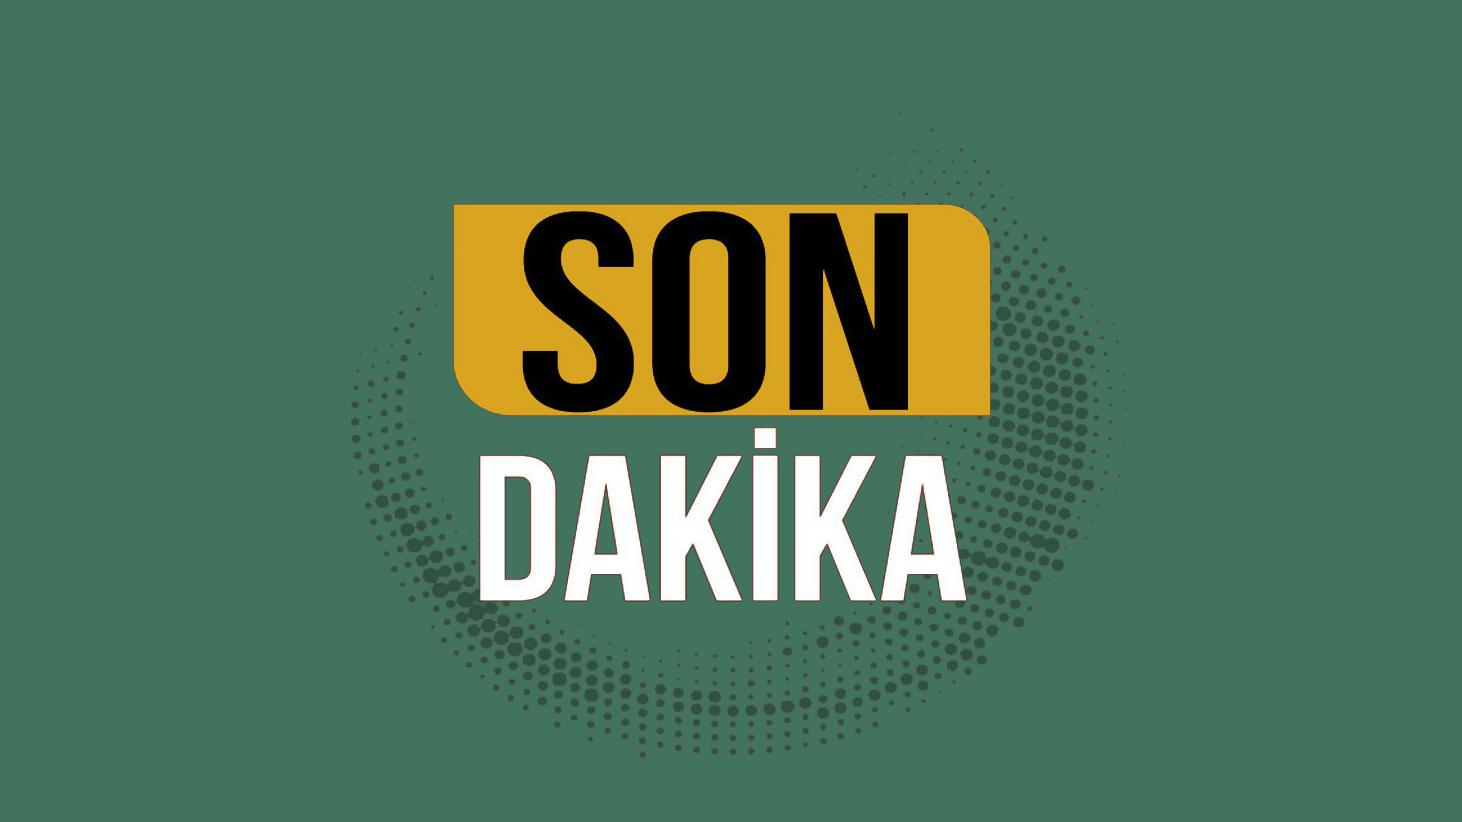 Başakşehir Antalya'da takılmıyor! 2015'ten beri